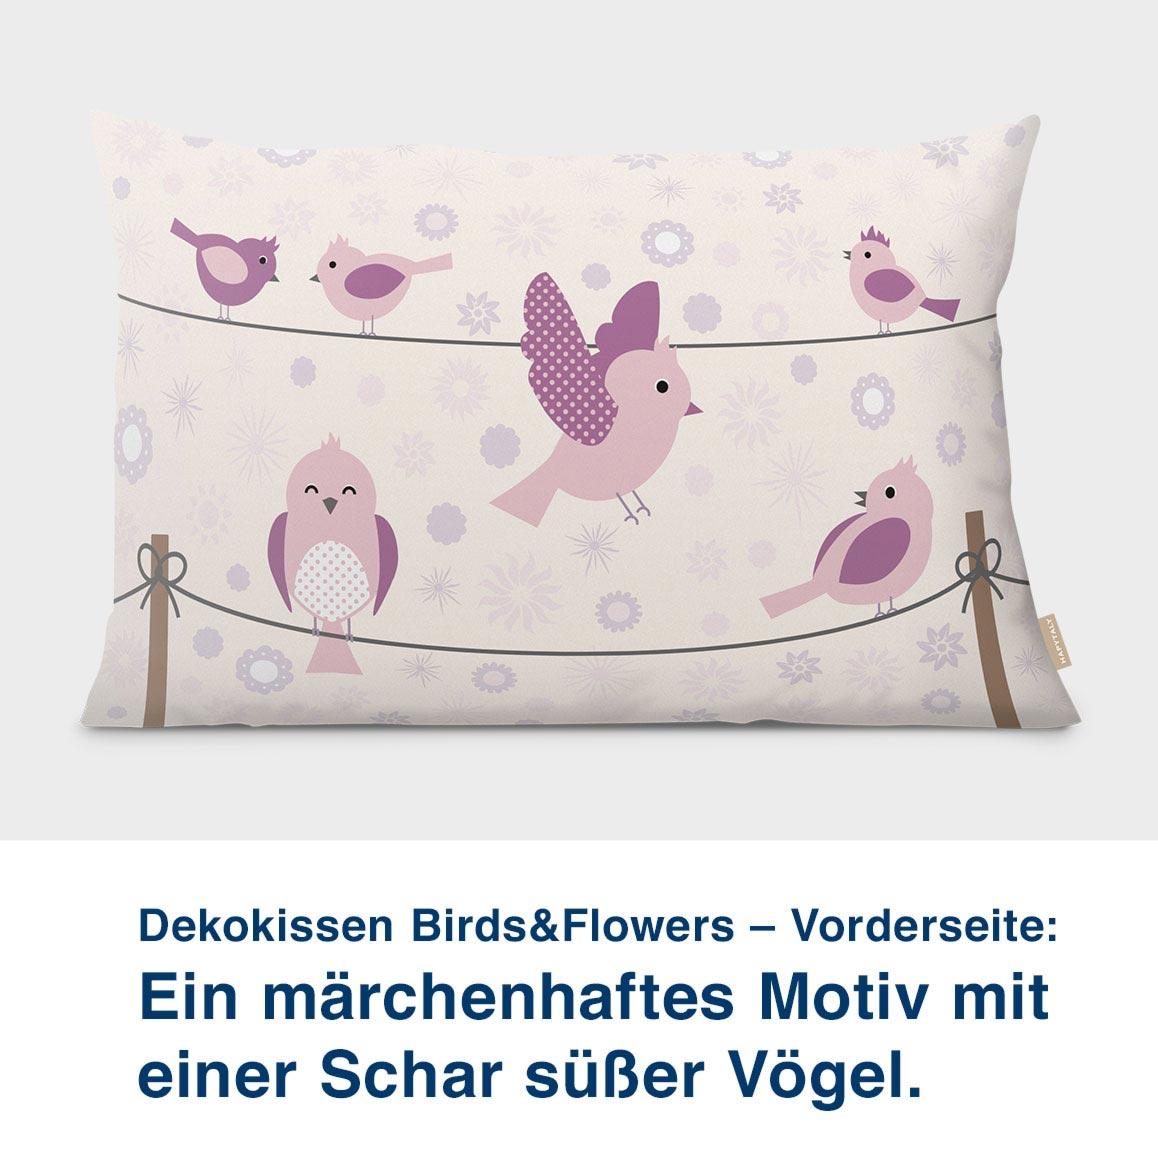 Dekokissen Birds&Flowers – Vorderseite:  Ein märchenhaftes Motiv mit  einer Schar süßer Vögel.